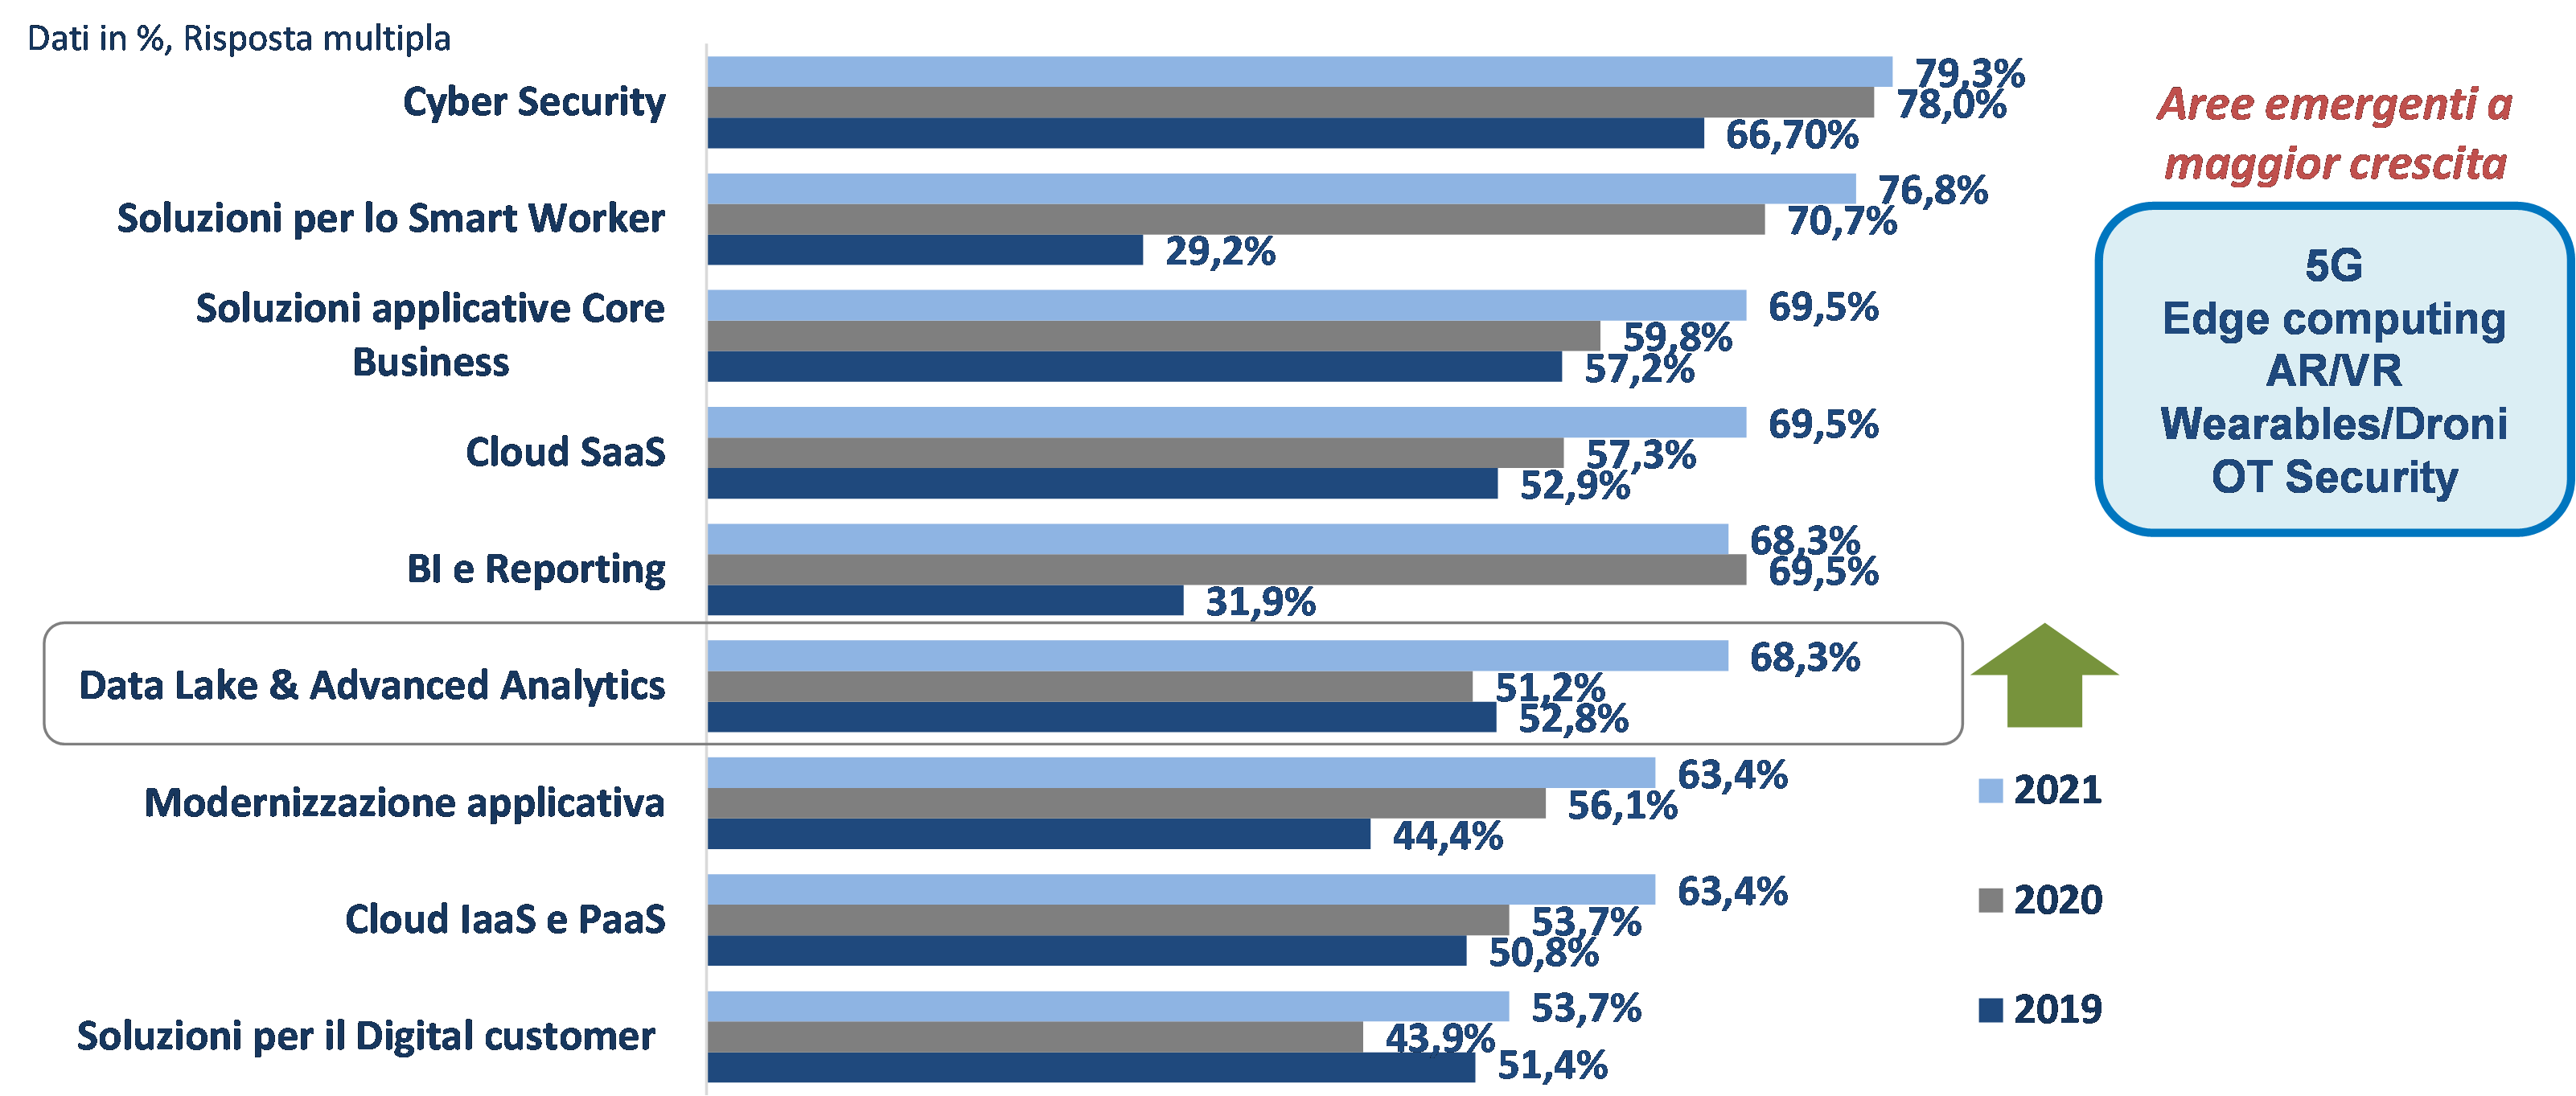 Principali progetti di digitalizzazione nelle aziende del panel (2019-2021), Fonte - Cio Survey 2020